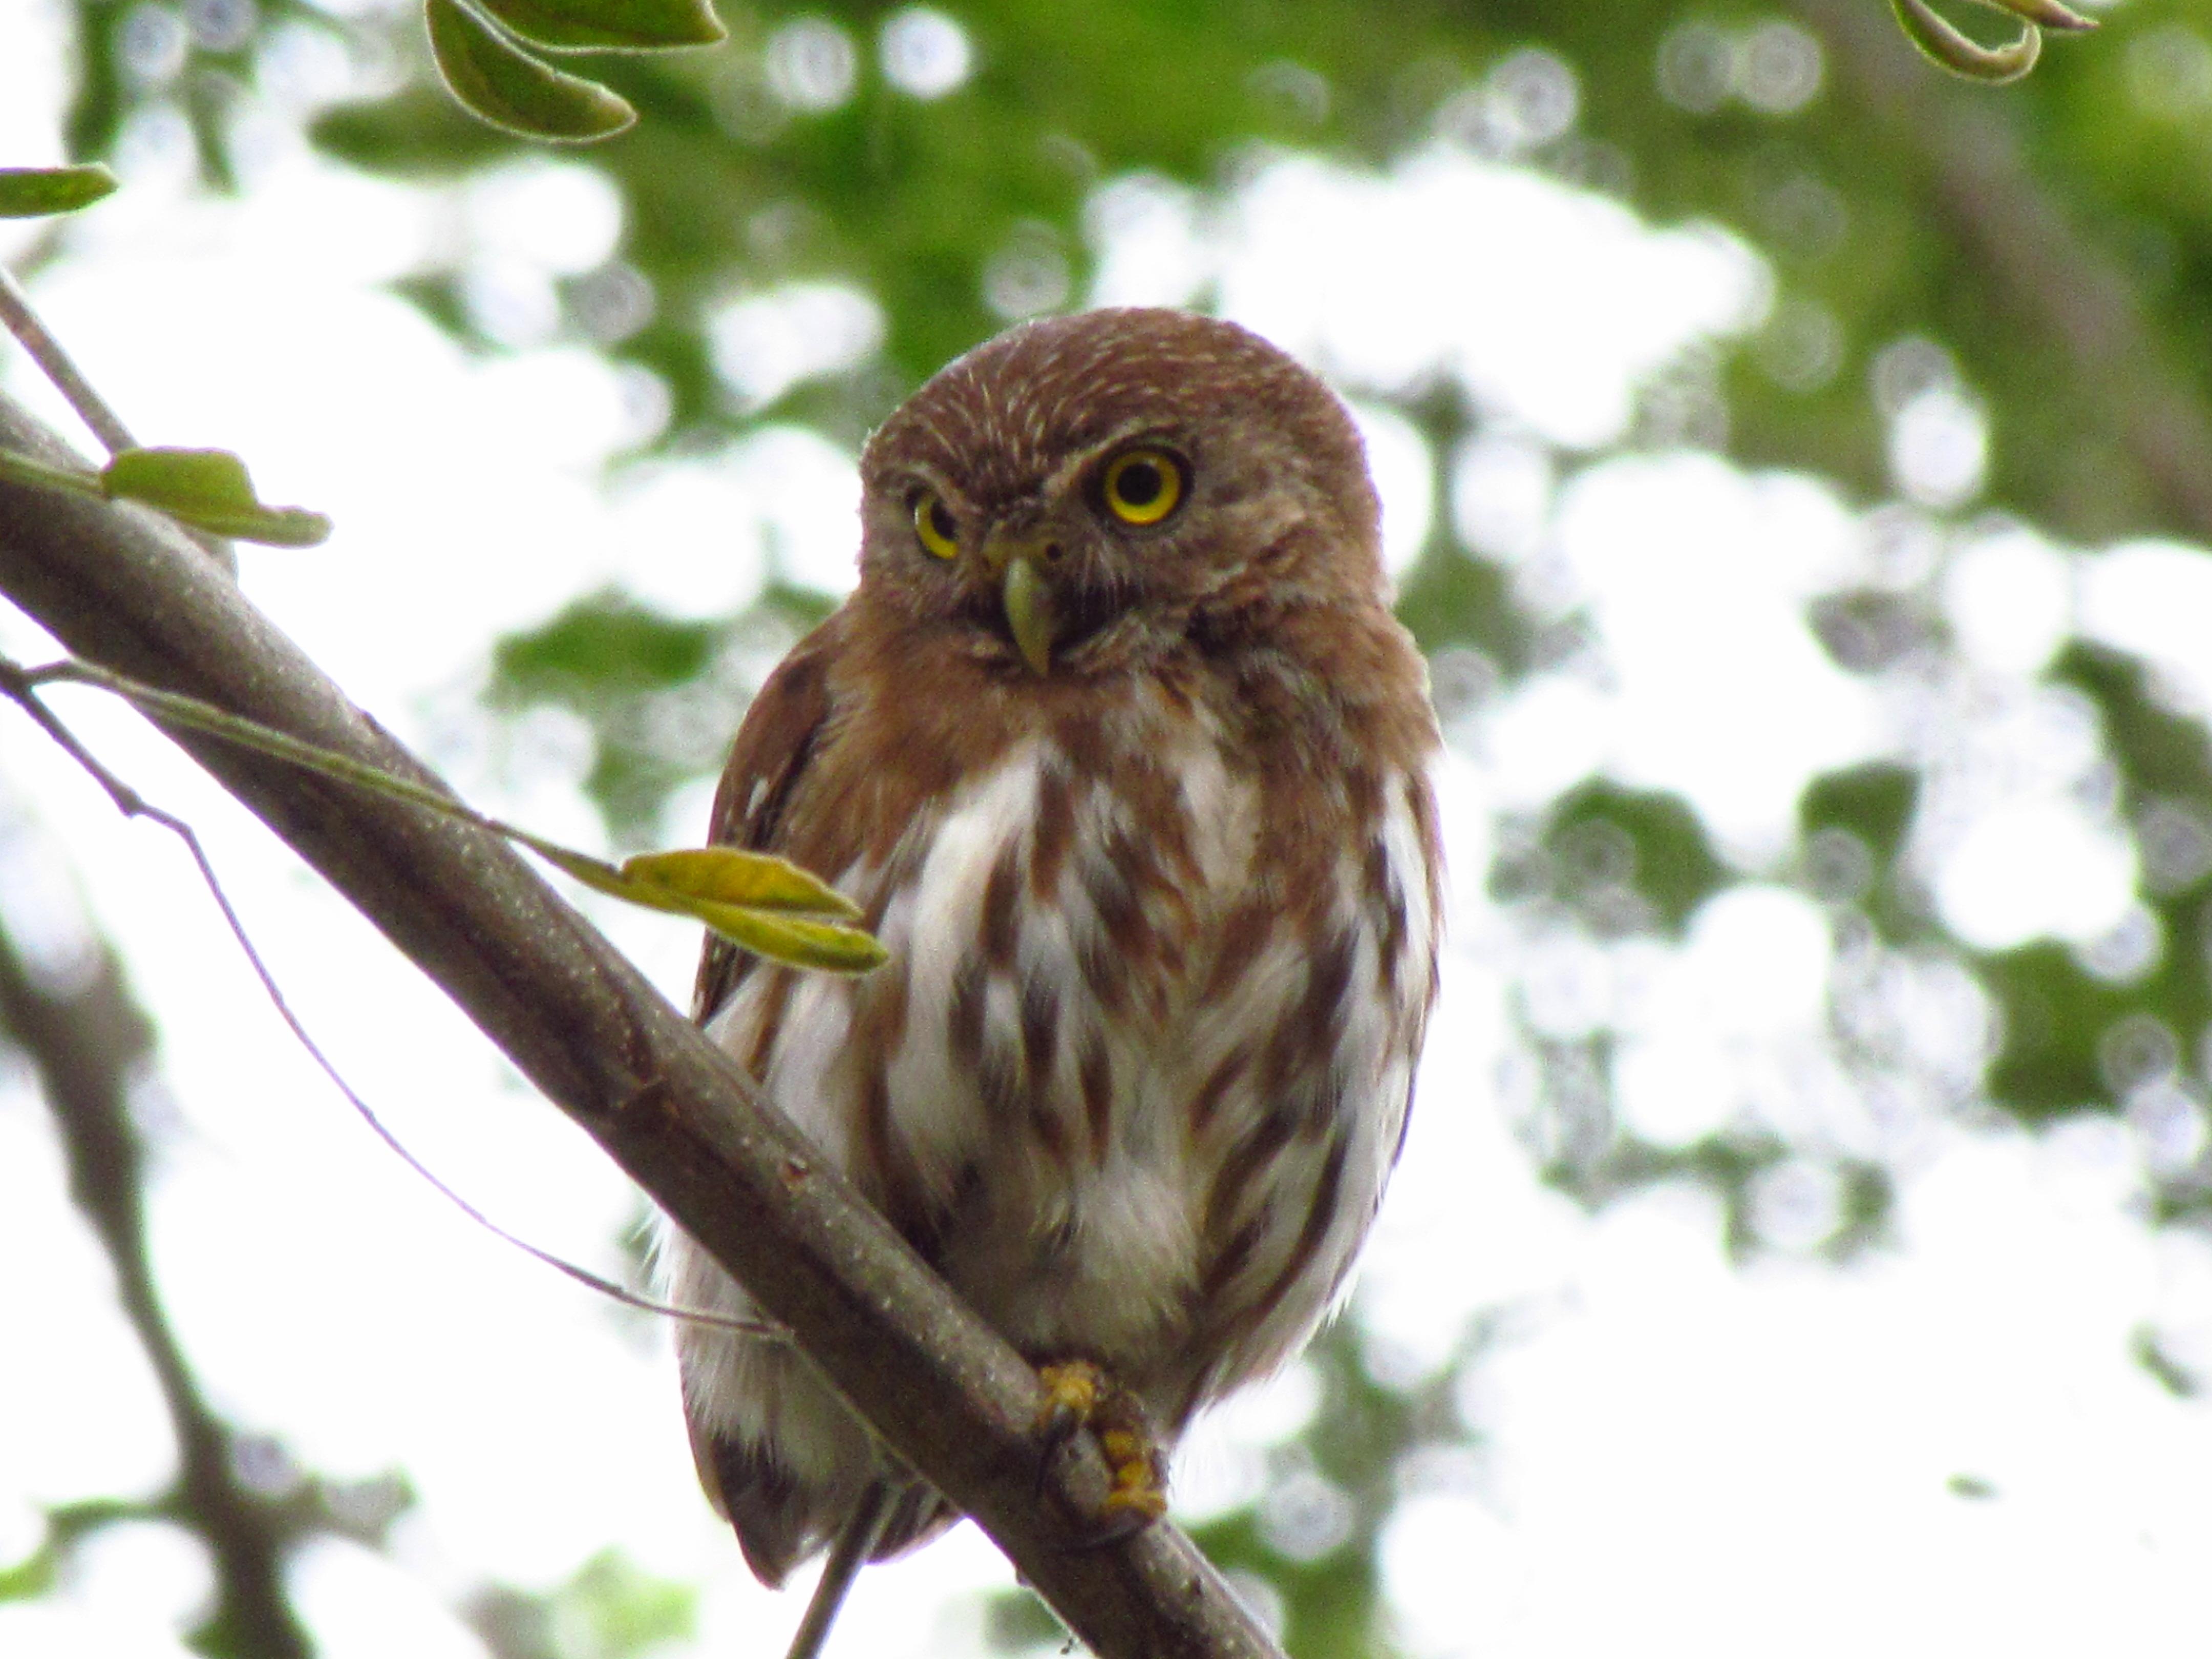 Muchas especies de aves se encuentran en este territorio que ahora será protegido gracias a la iniciativa de ACHSA.